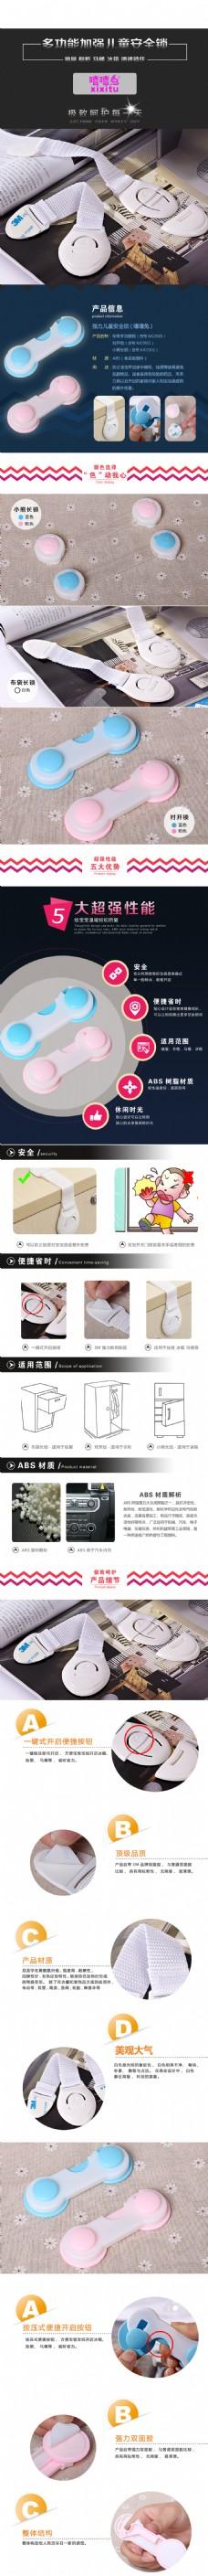 安全锁详情页图片